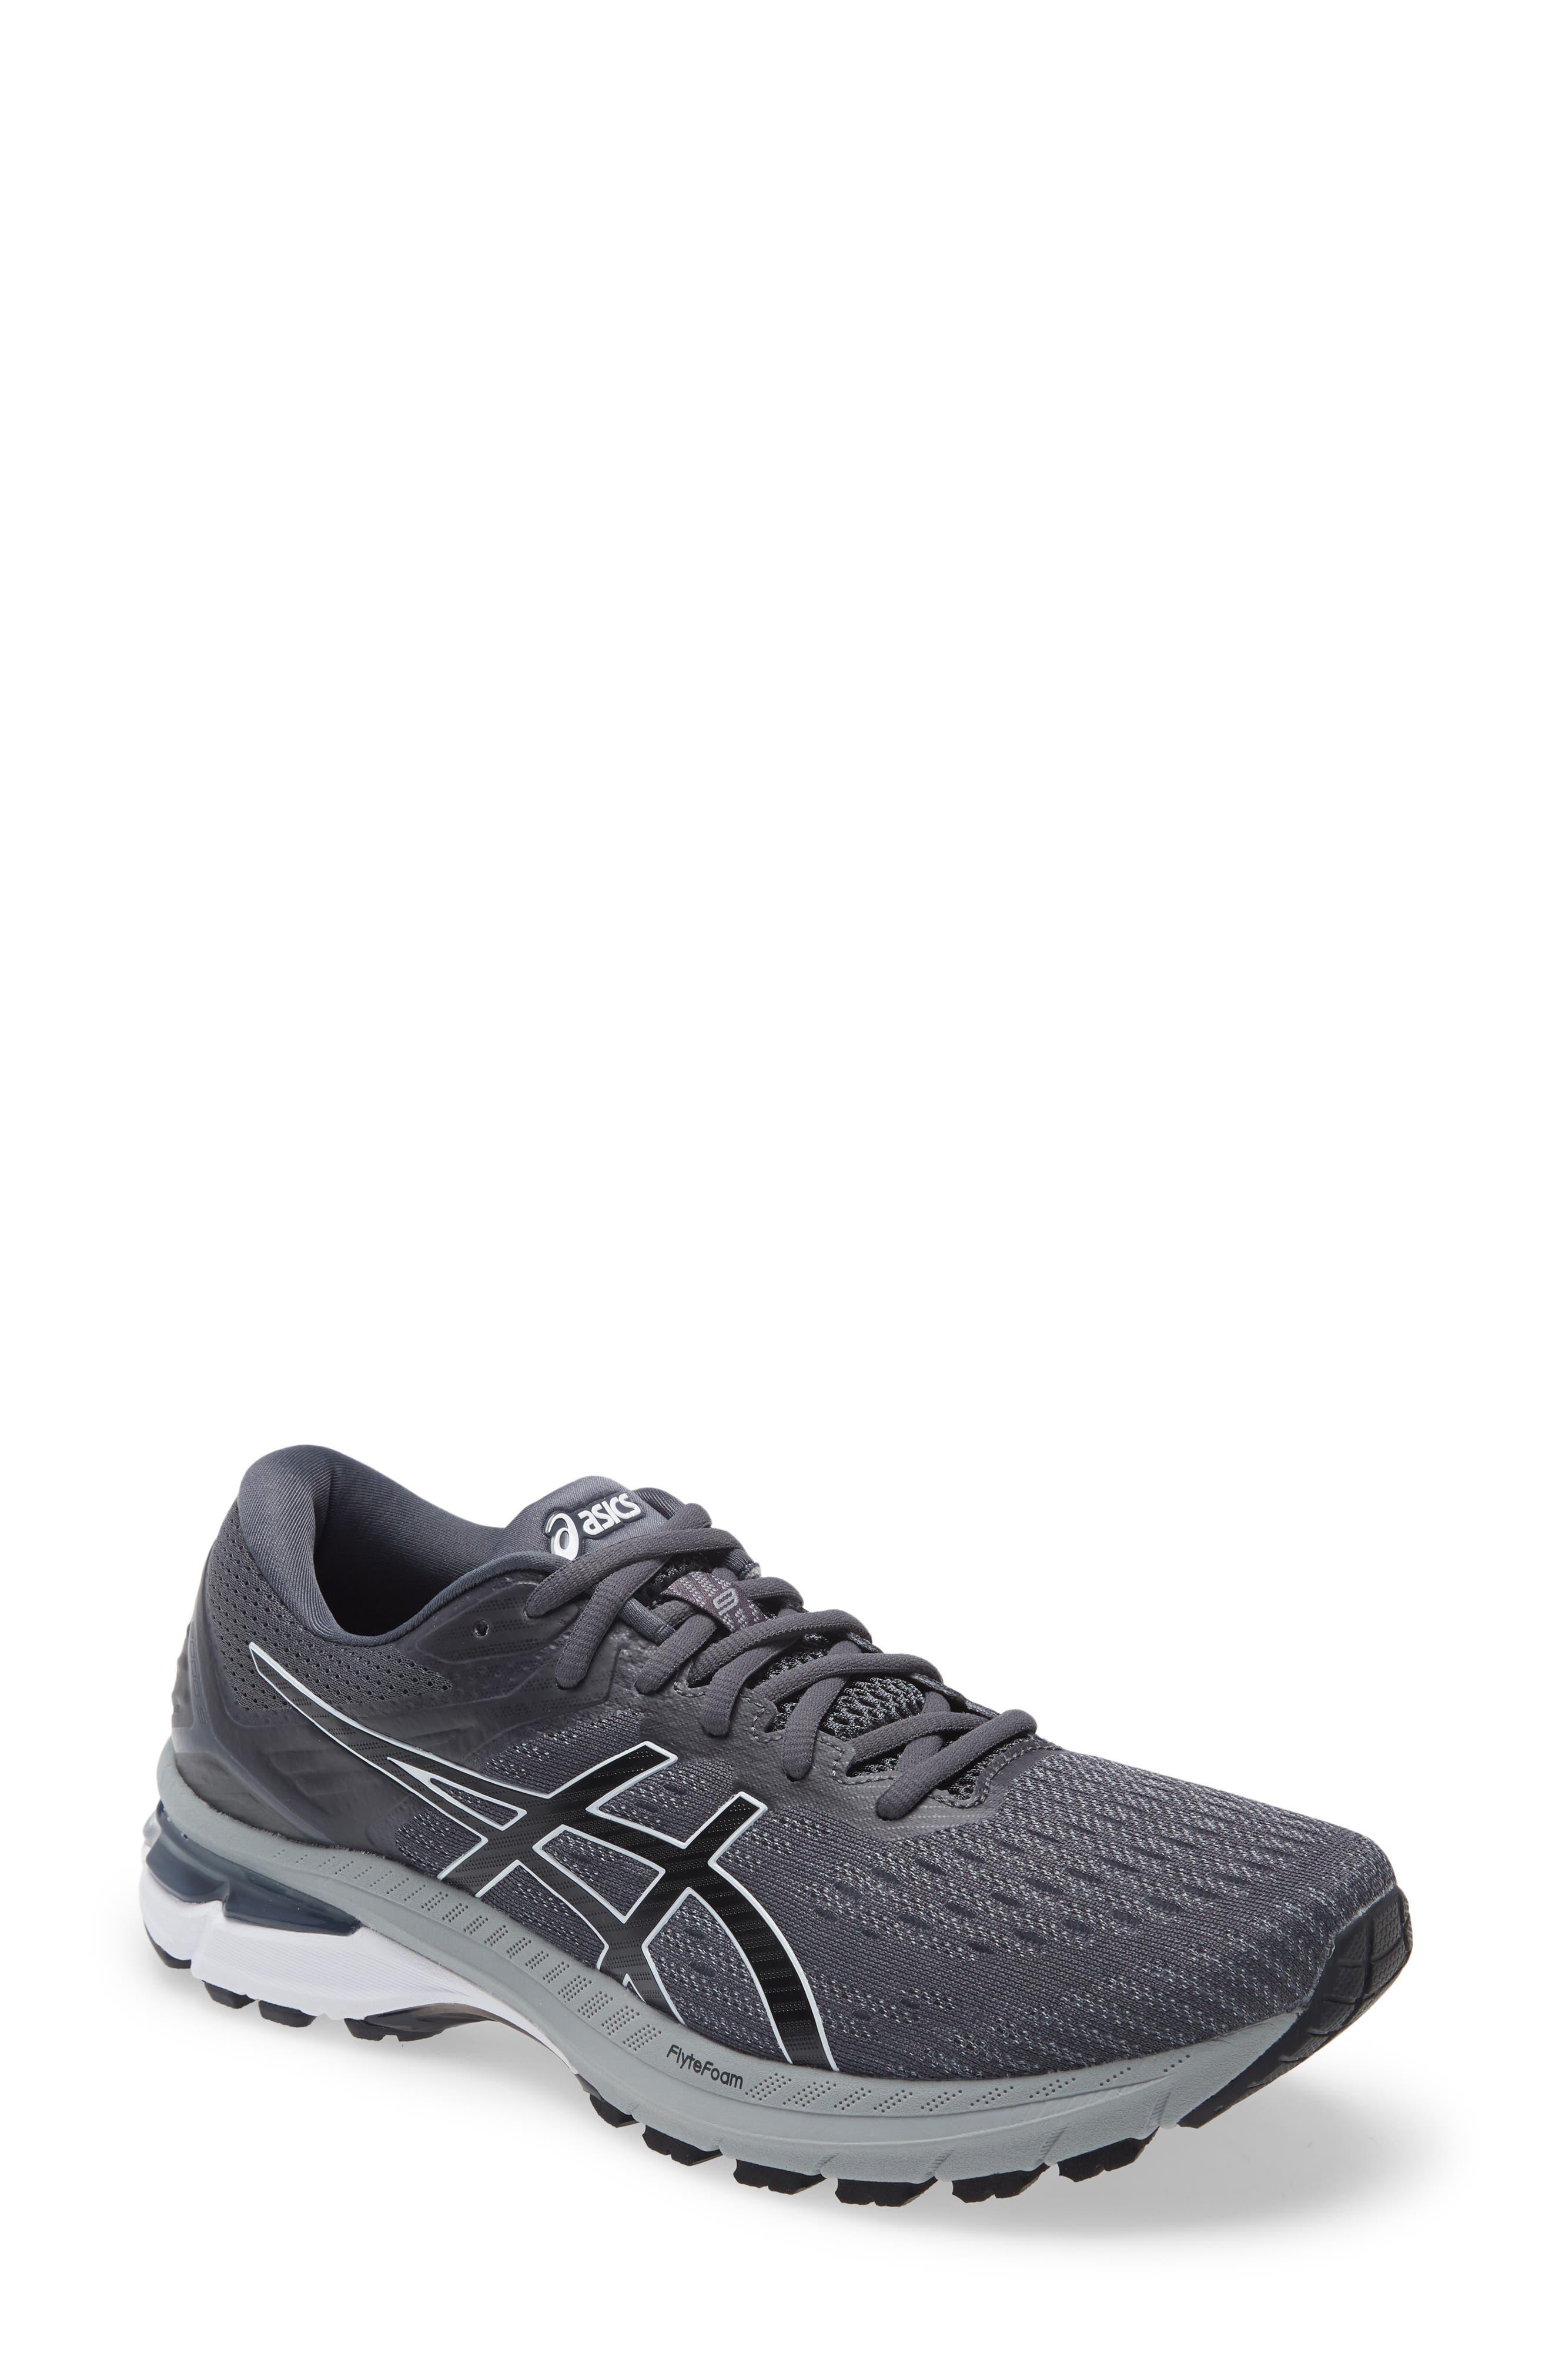 Men's Asics Gt-2000 9 Running Shoe